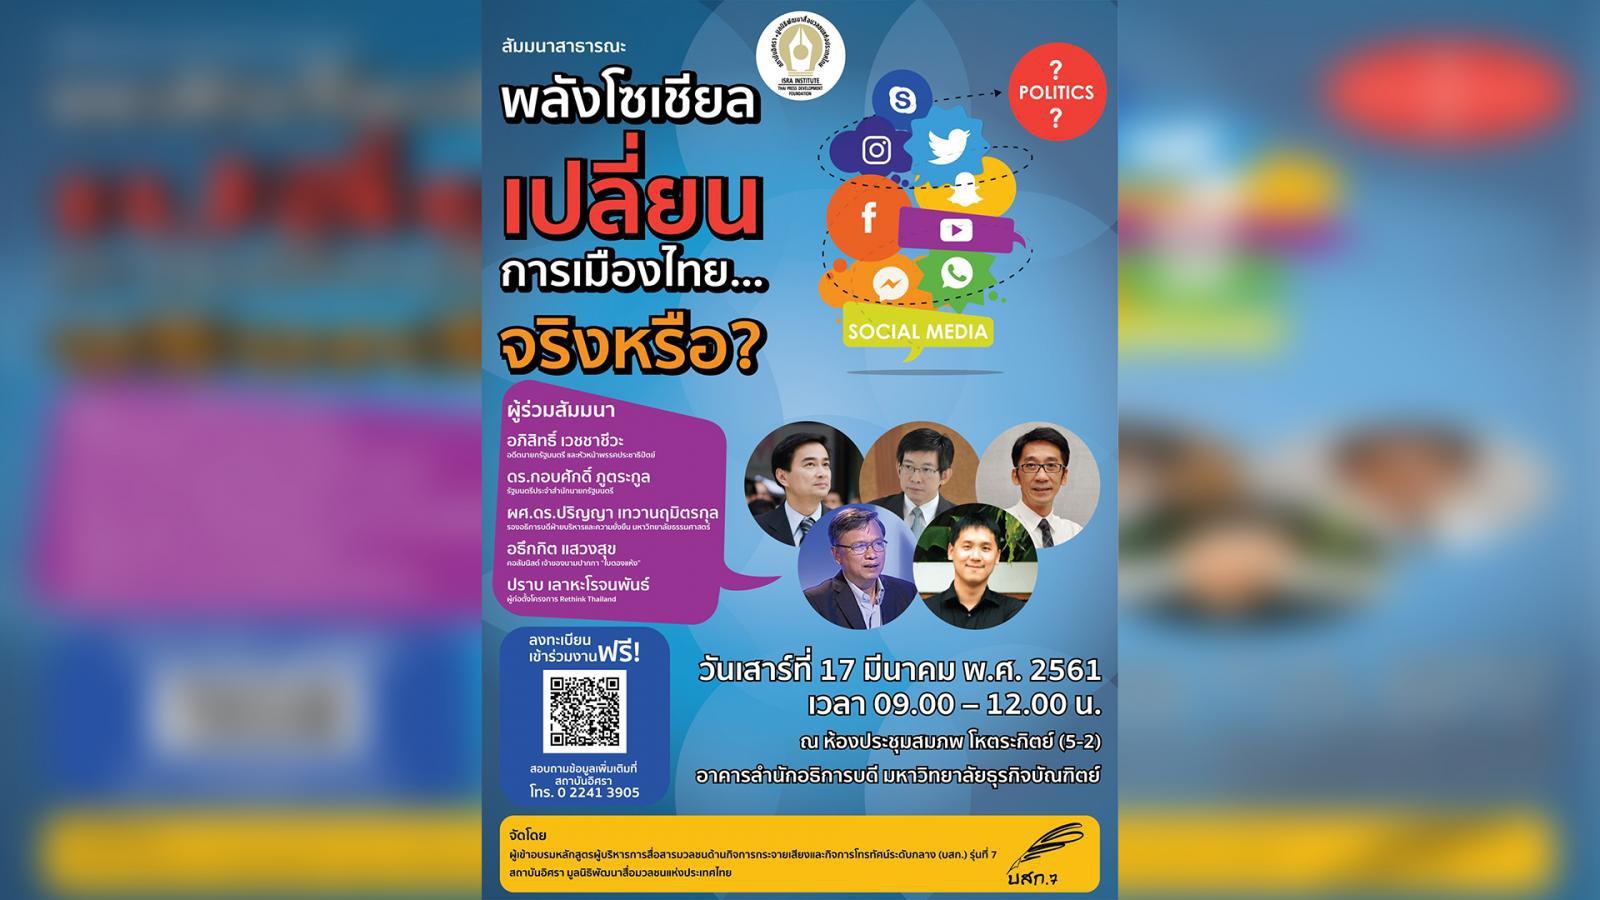 """""""บสก.7-สถาบันอิศรา"""" จัดสัมมนา """"พลังโซเชียล เปลี่ยนการเมืองไทย...จริงหรือ?"""""""